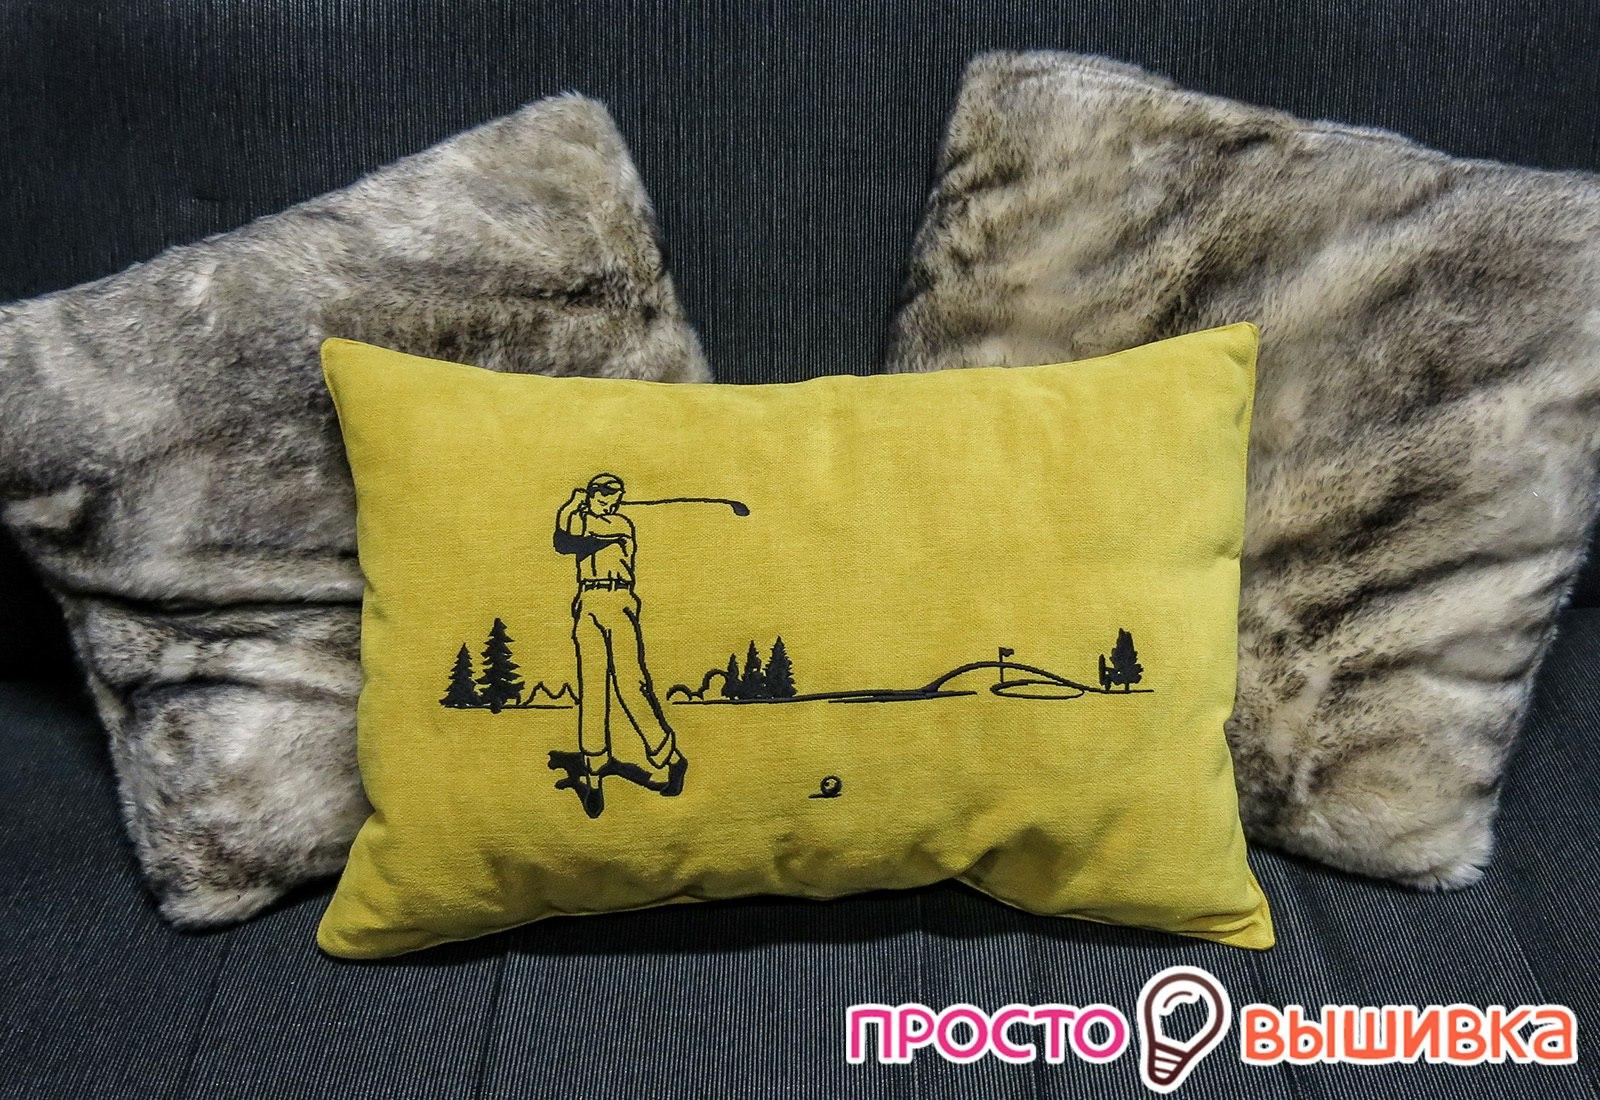 Вышитая подушка на диване